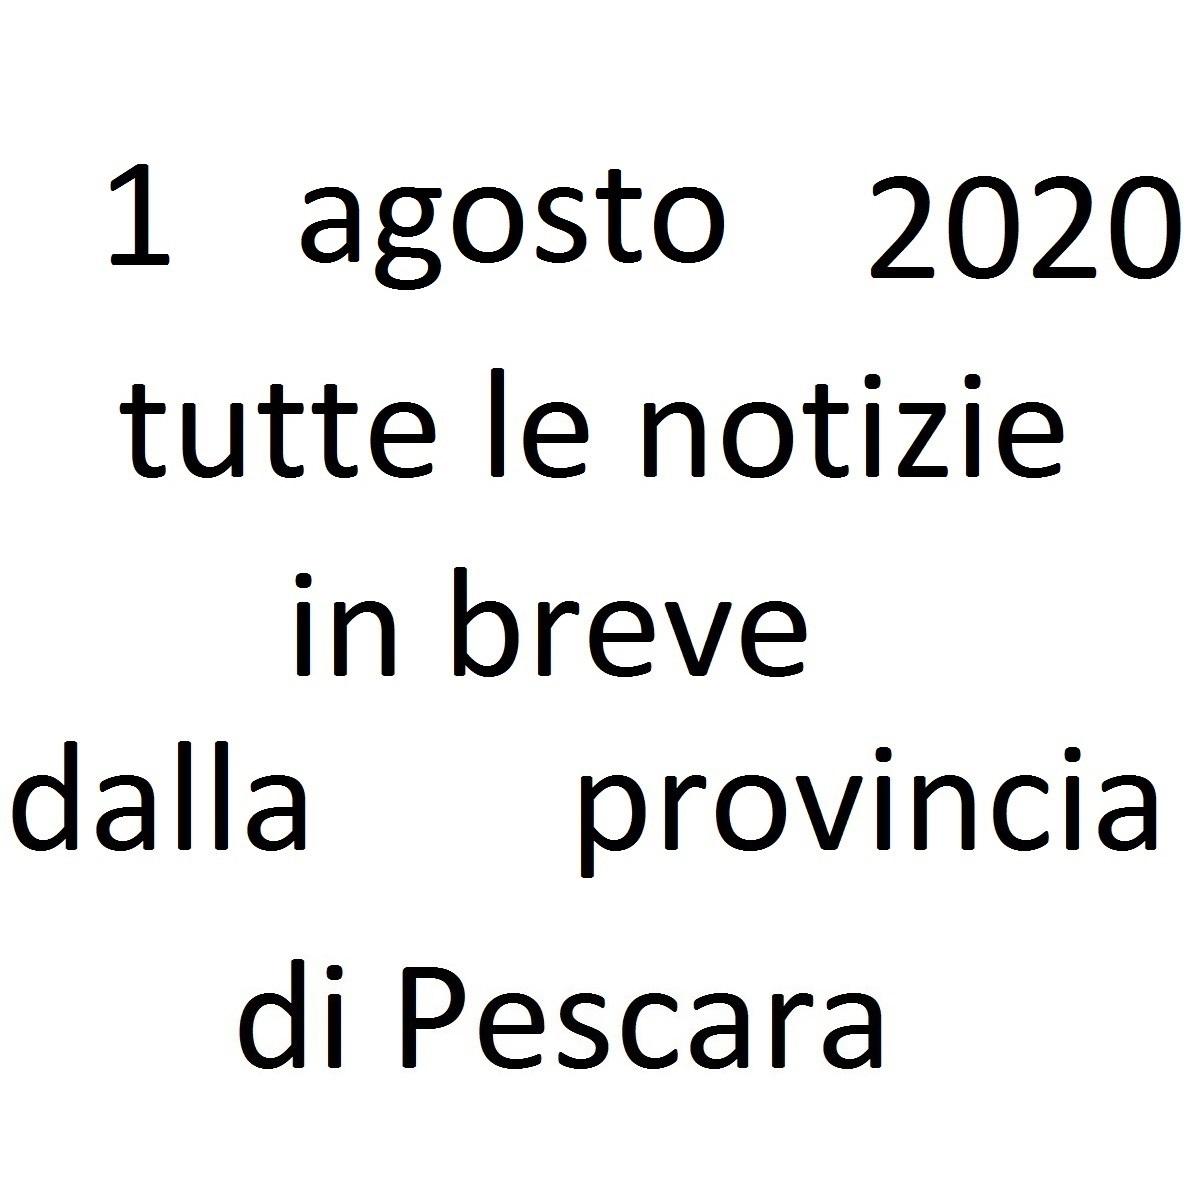 1 agosto 2020 notizie in breve dalla Provincia di Pescara foto